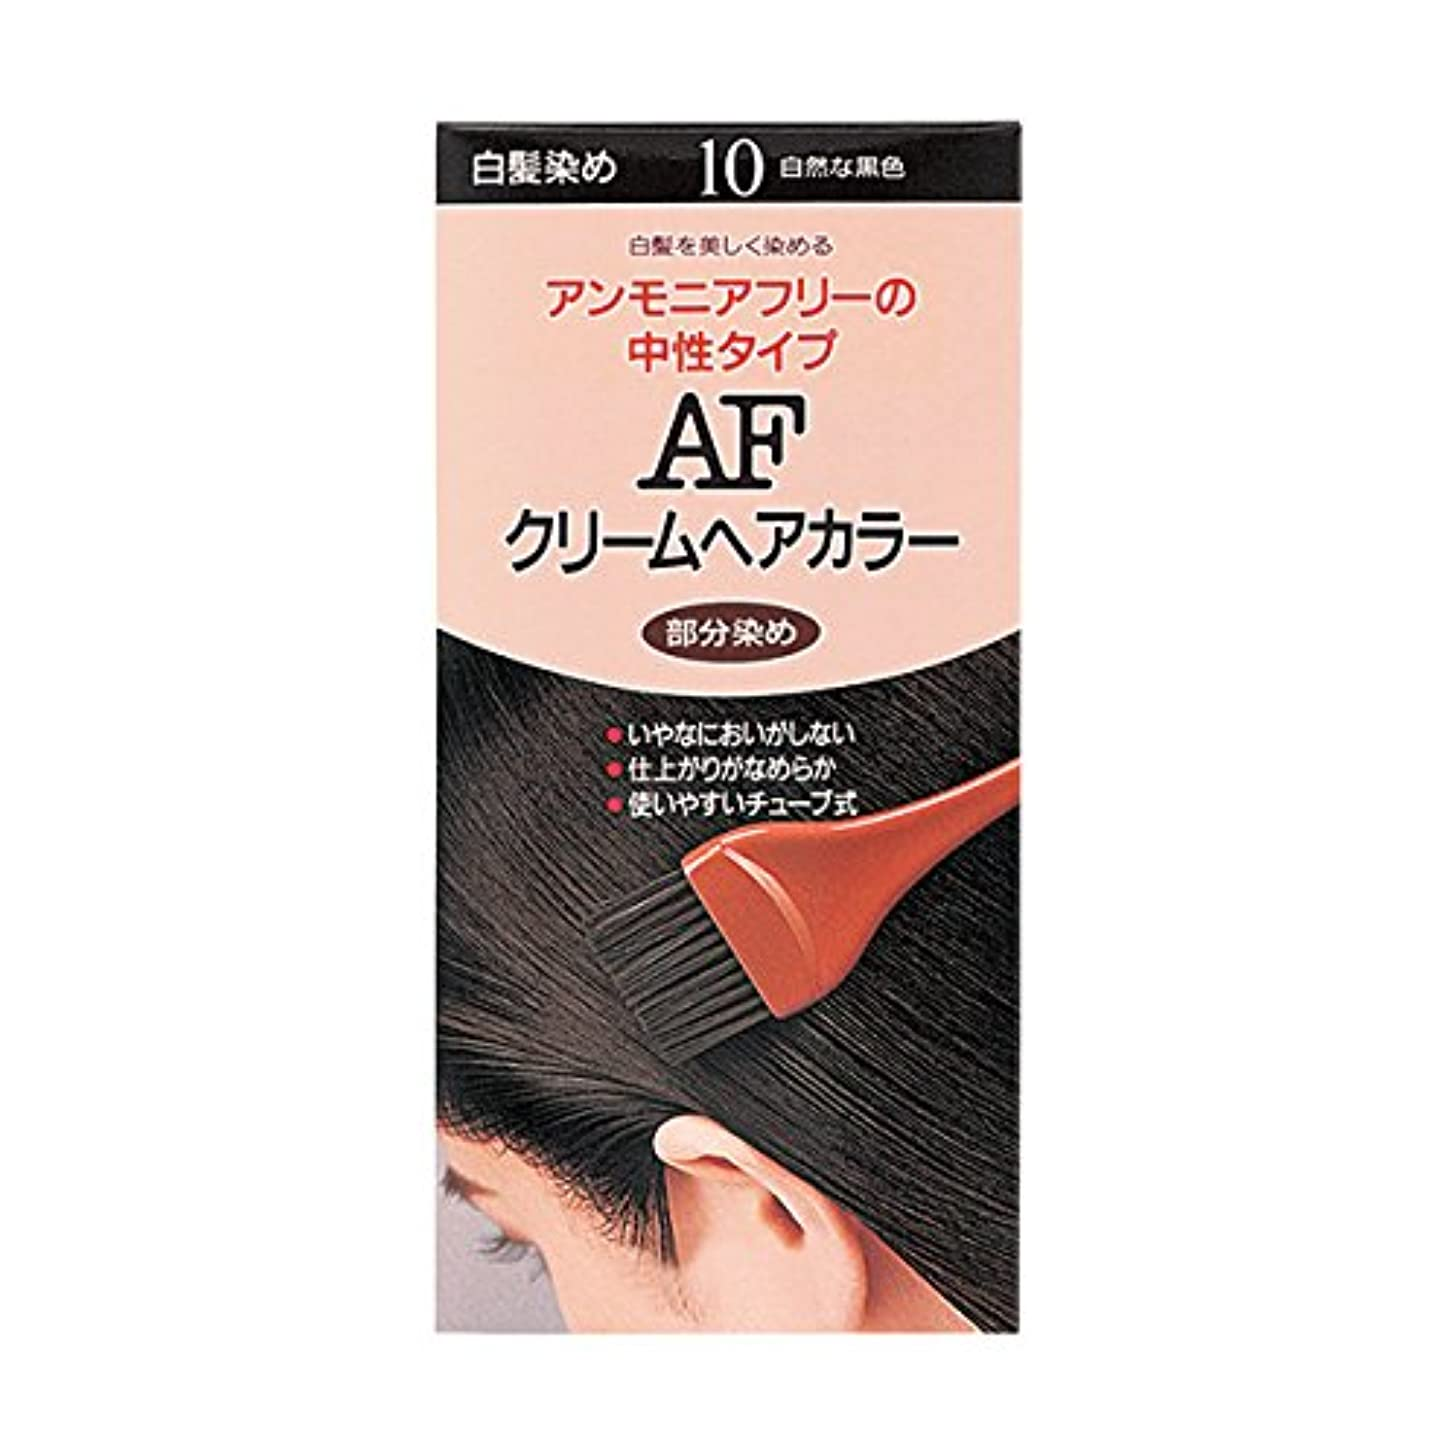 中起きている翻訳者ヘアカラー AFクリームヘアカラー 10 【医薬部外品】